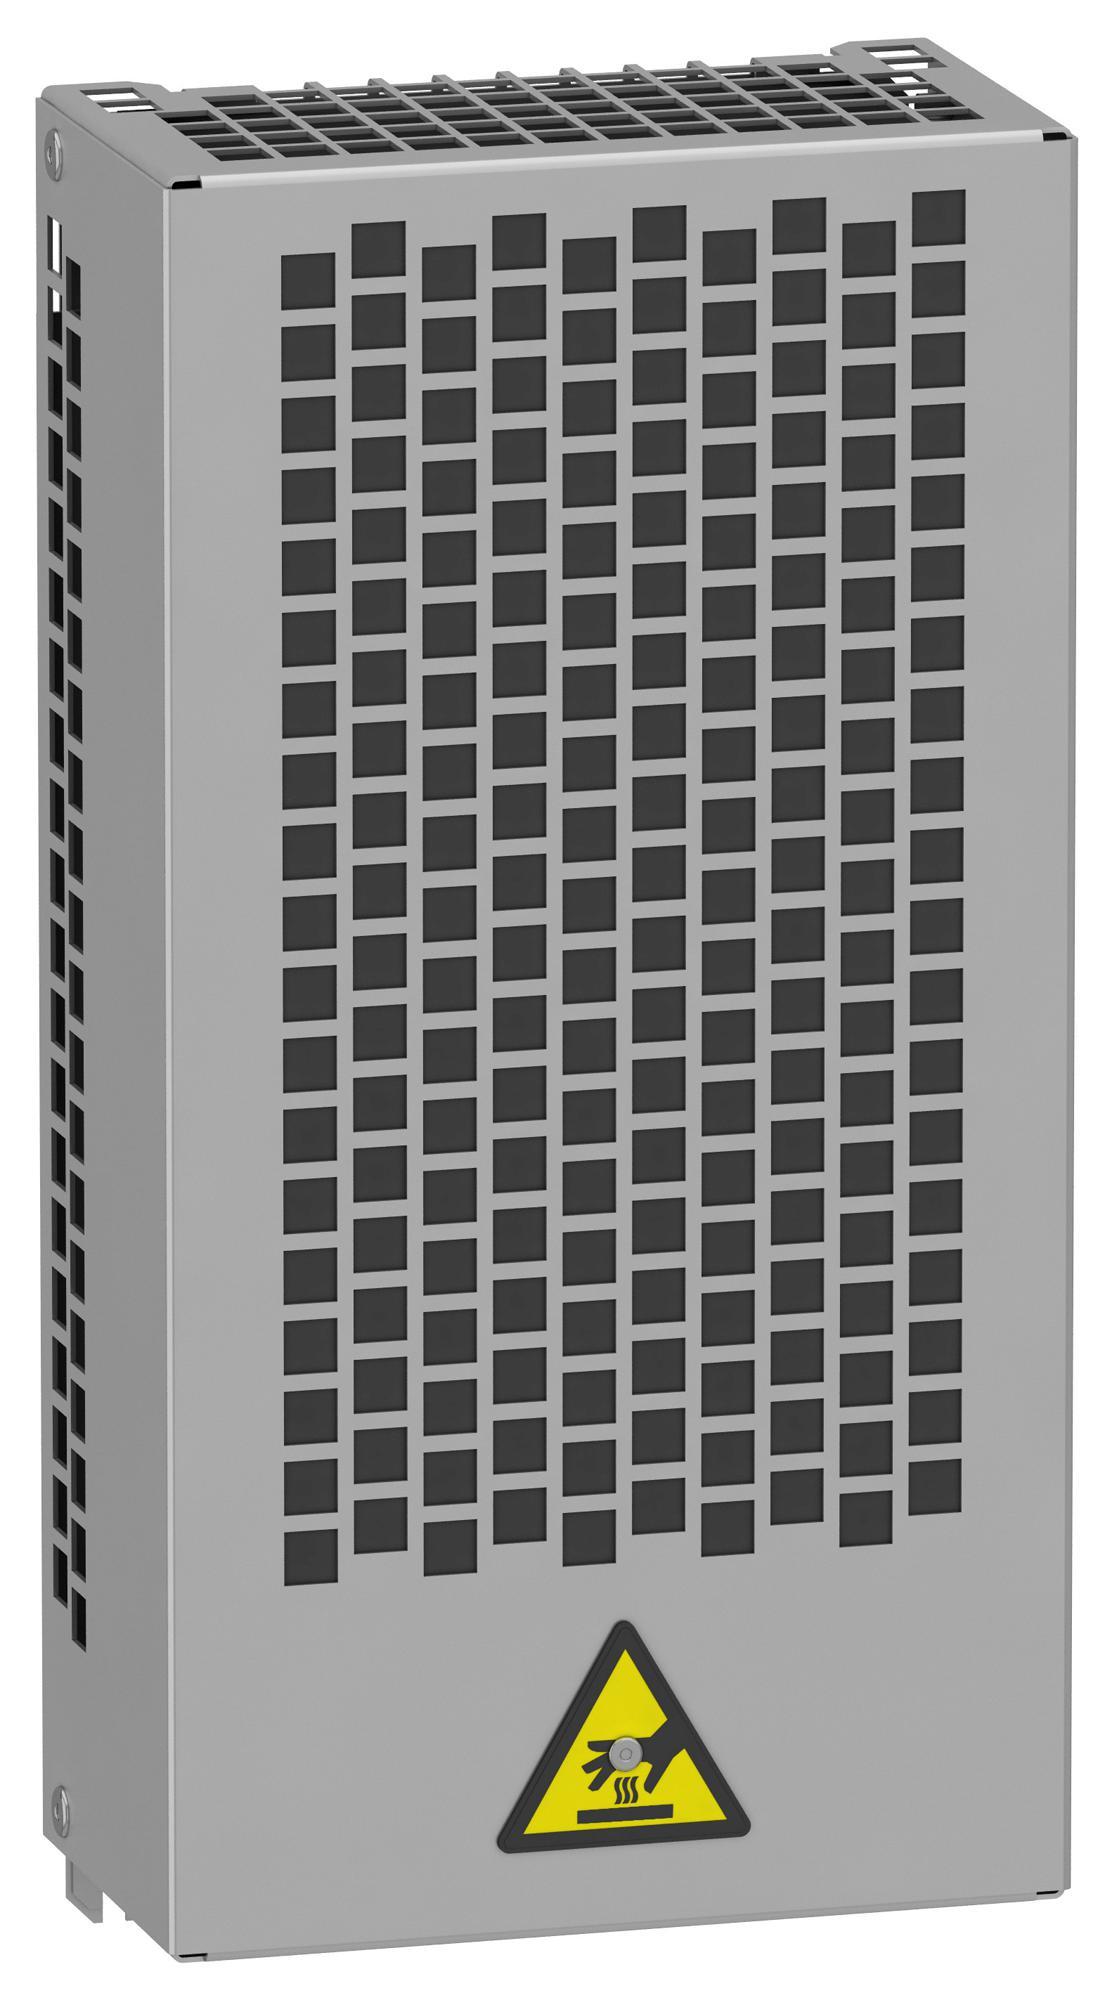 Schneider VW3A7731 Braking Resistor - 60 ohms - 0.16 kW - IP20